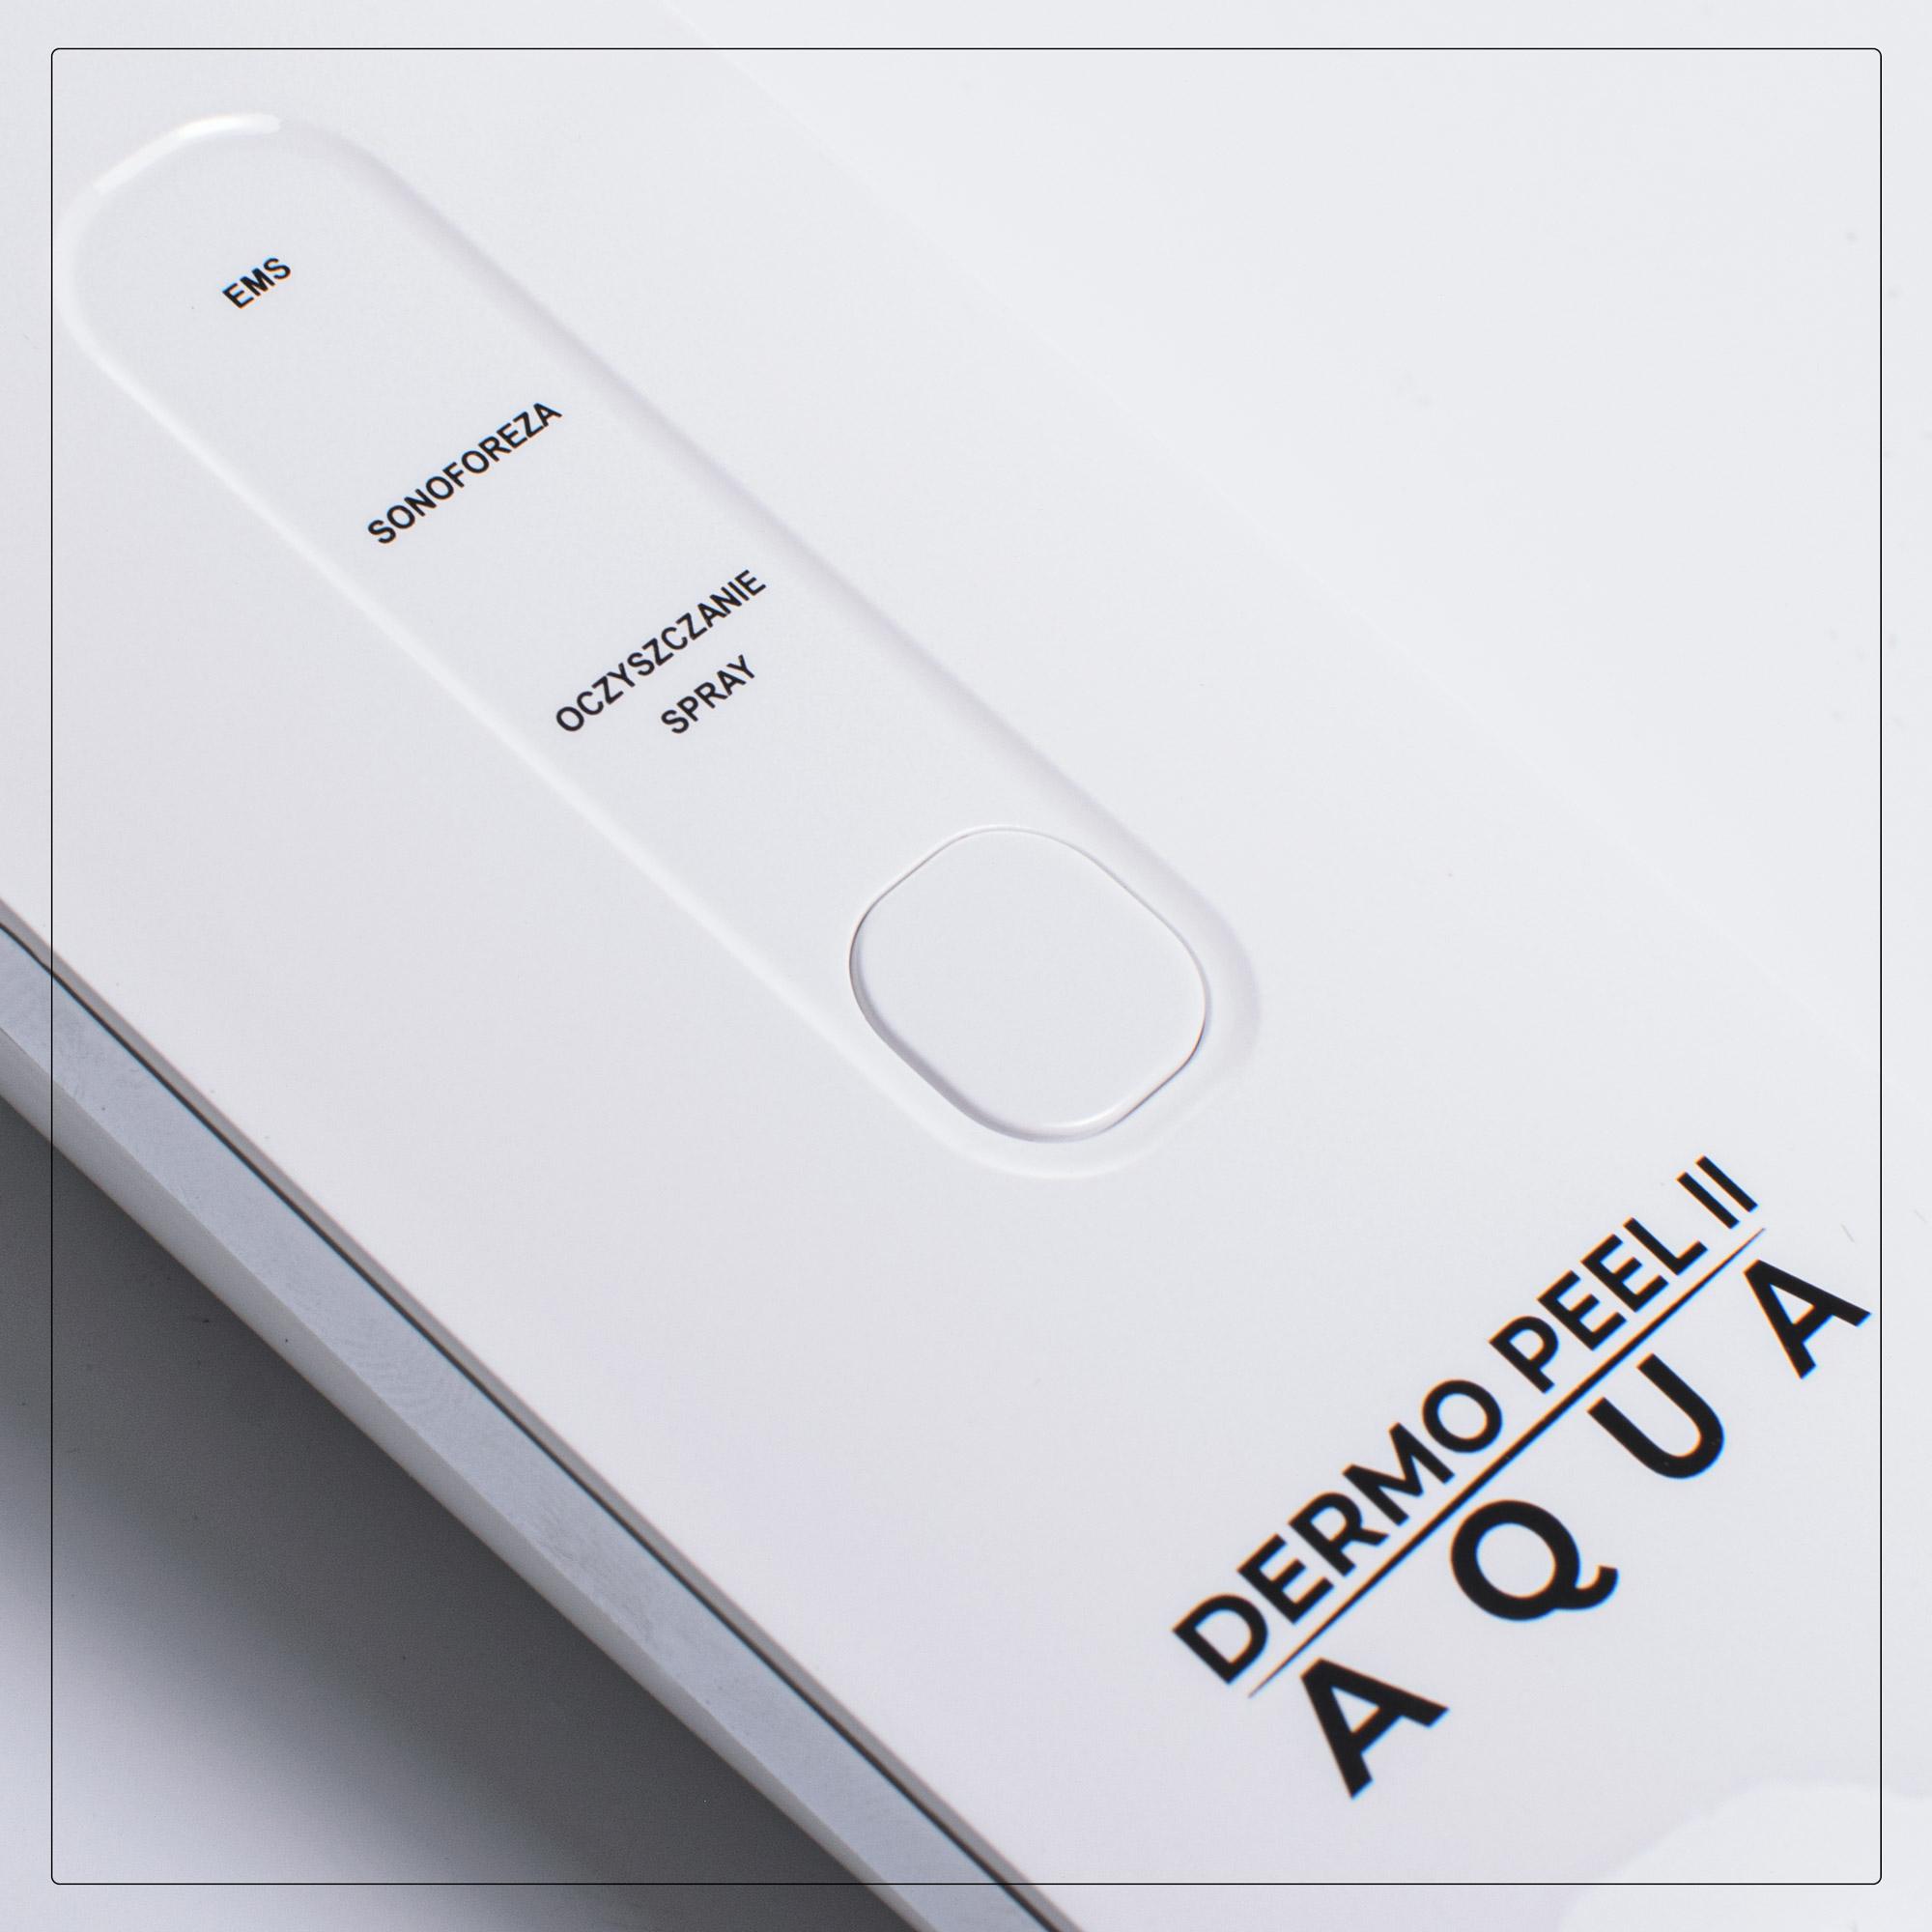 Aparat kosmetologiczny z wbudowanym nawilżaczem, który zapewnia wysoką skuteczność zabiegu oczyszczającego